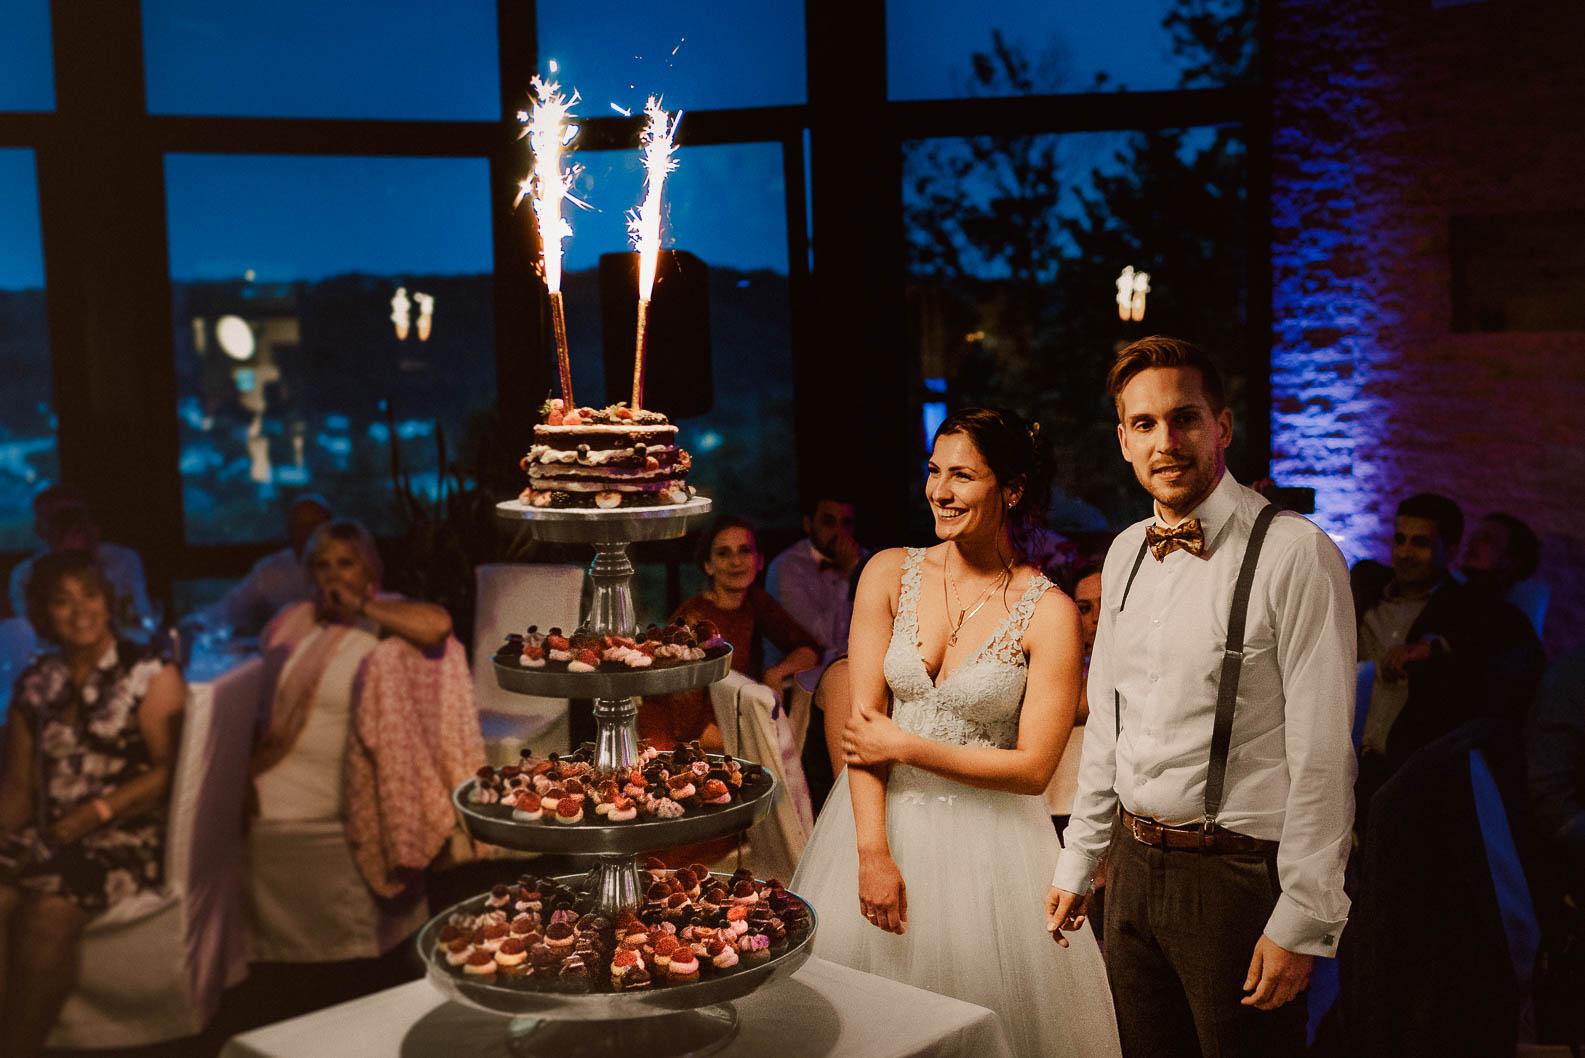 Hochzeit Torte anschneiden mit Wunderkerzen Fotos